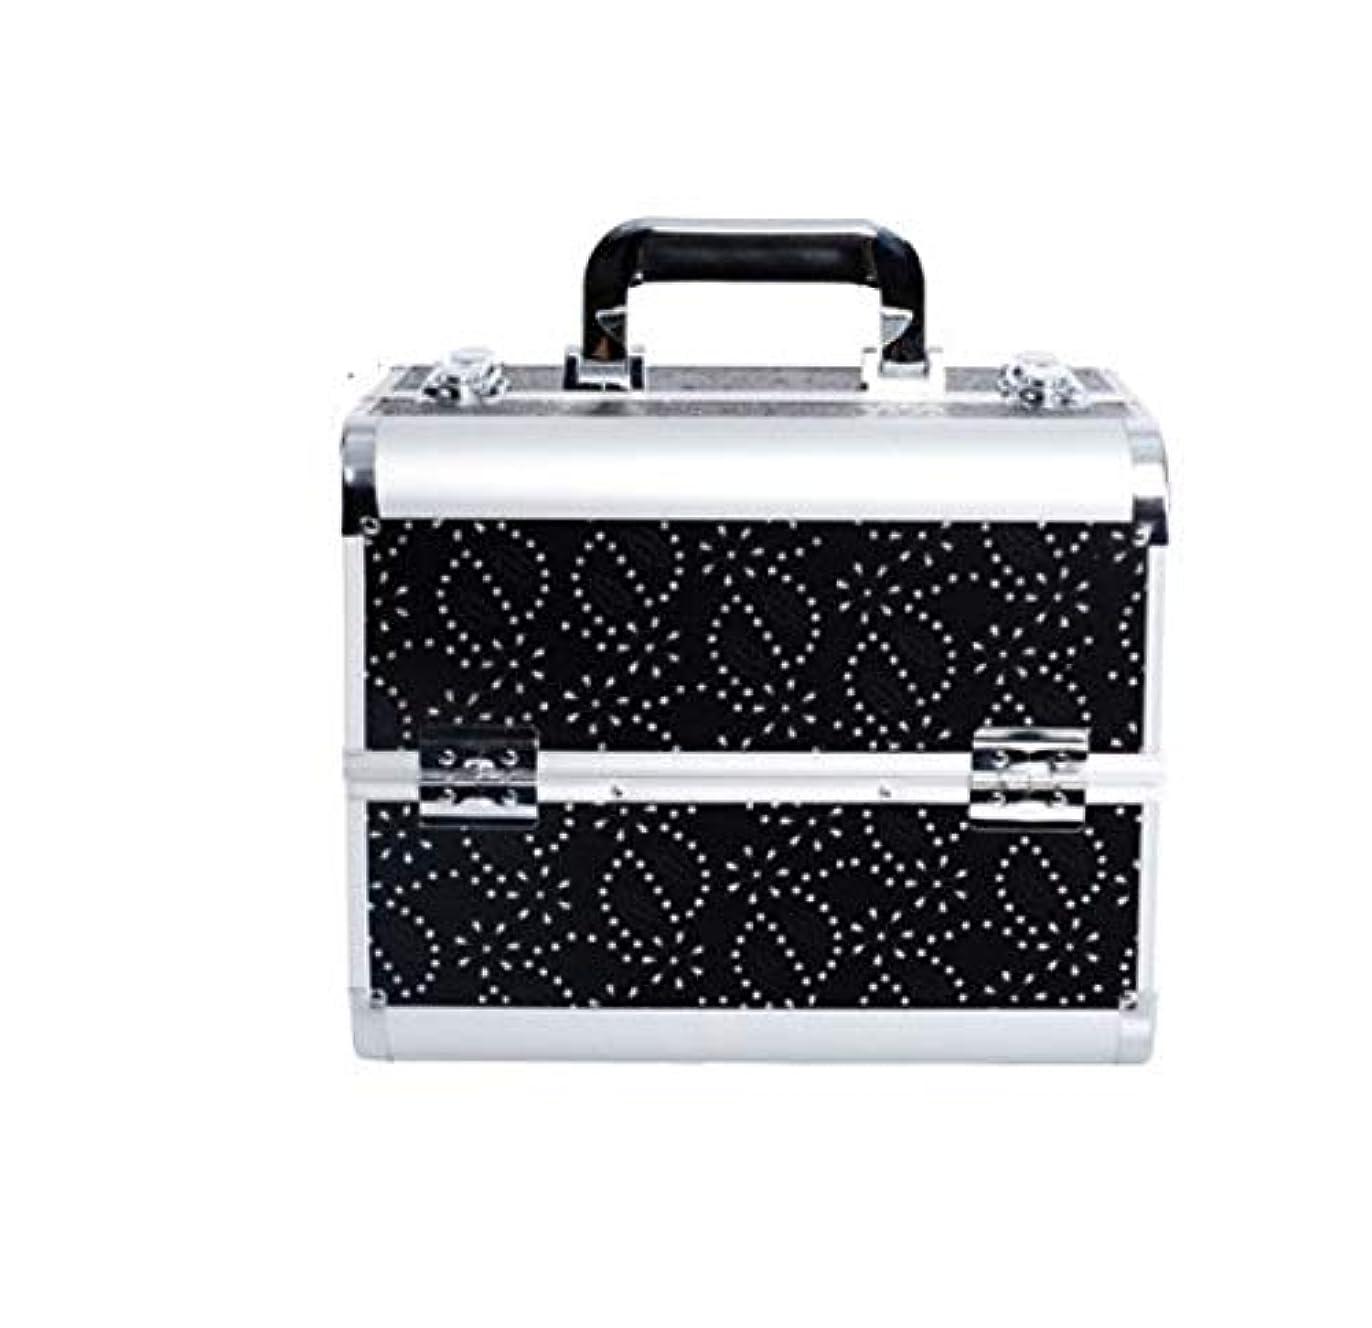 クリエイティブ貫入バンガロー化粧品ケース、ブラック多層化粧品袋、ポータブル旅行多機能化粧品ケース、美容ネイルジュエリー収納ボックス